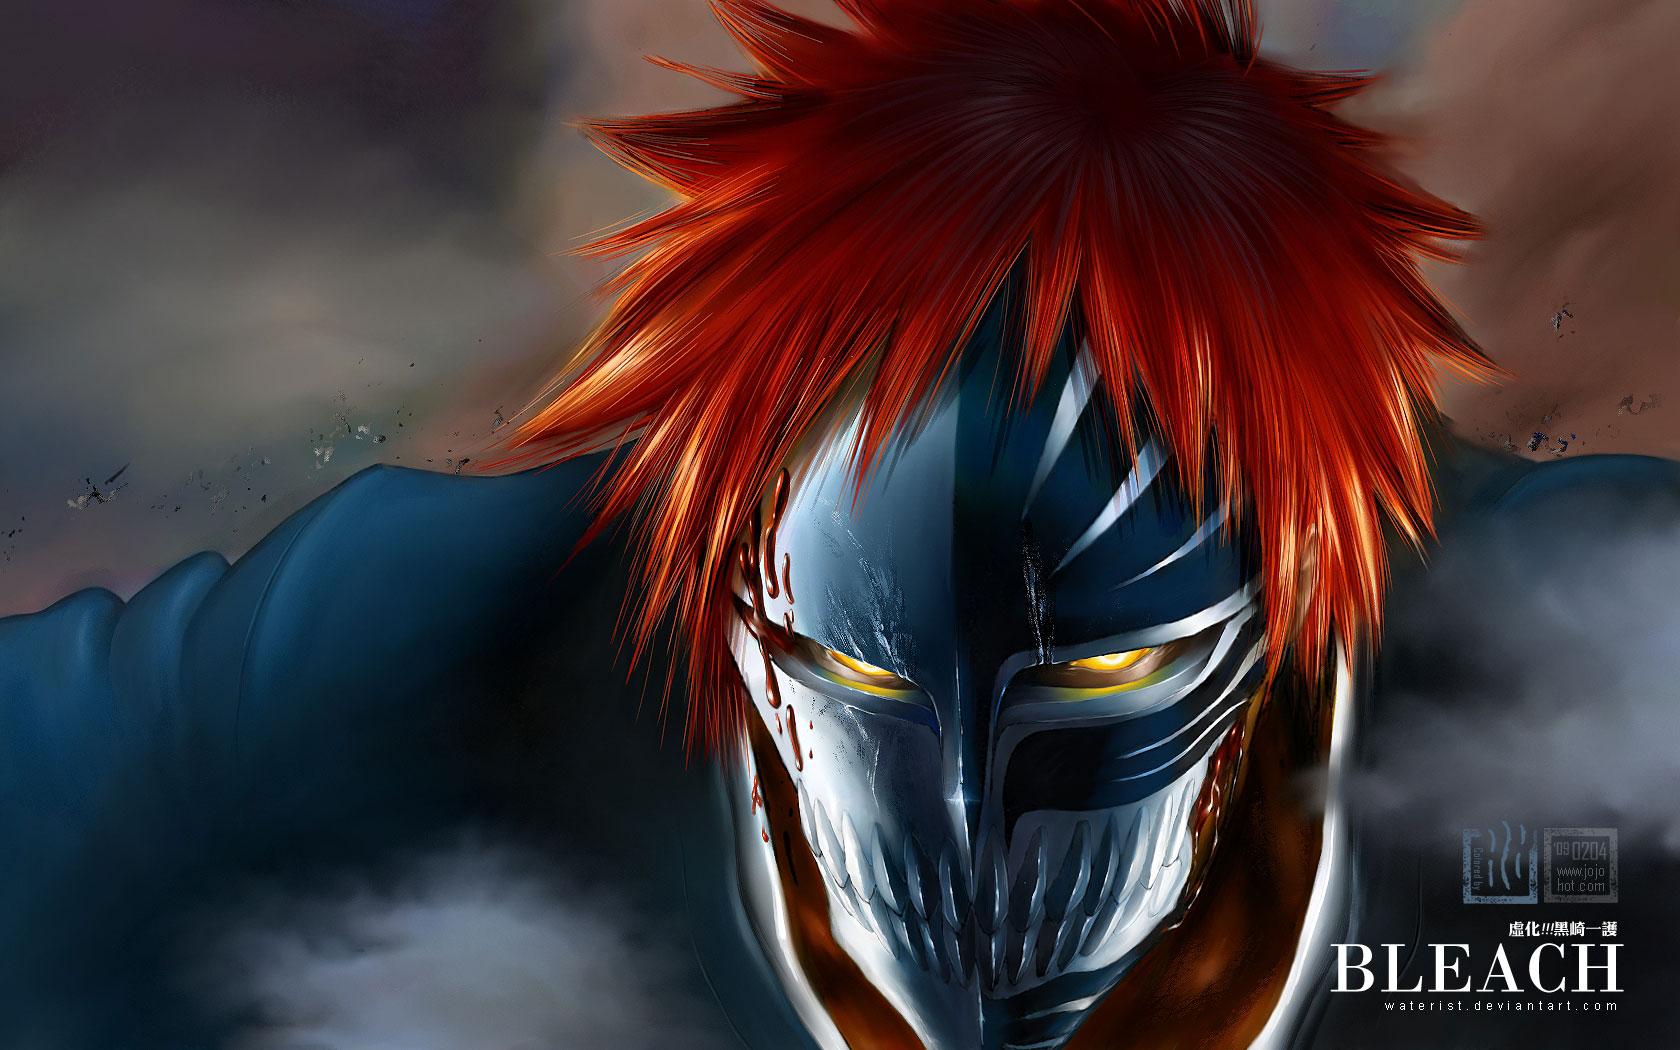 ...'Блич / Bleach' в форме пустого с маской на все лицо 1680x1050, аниме.